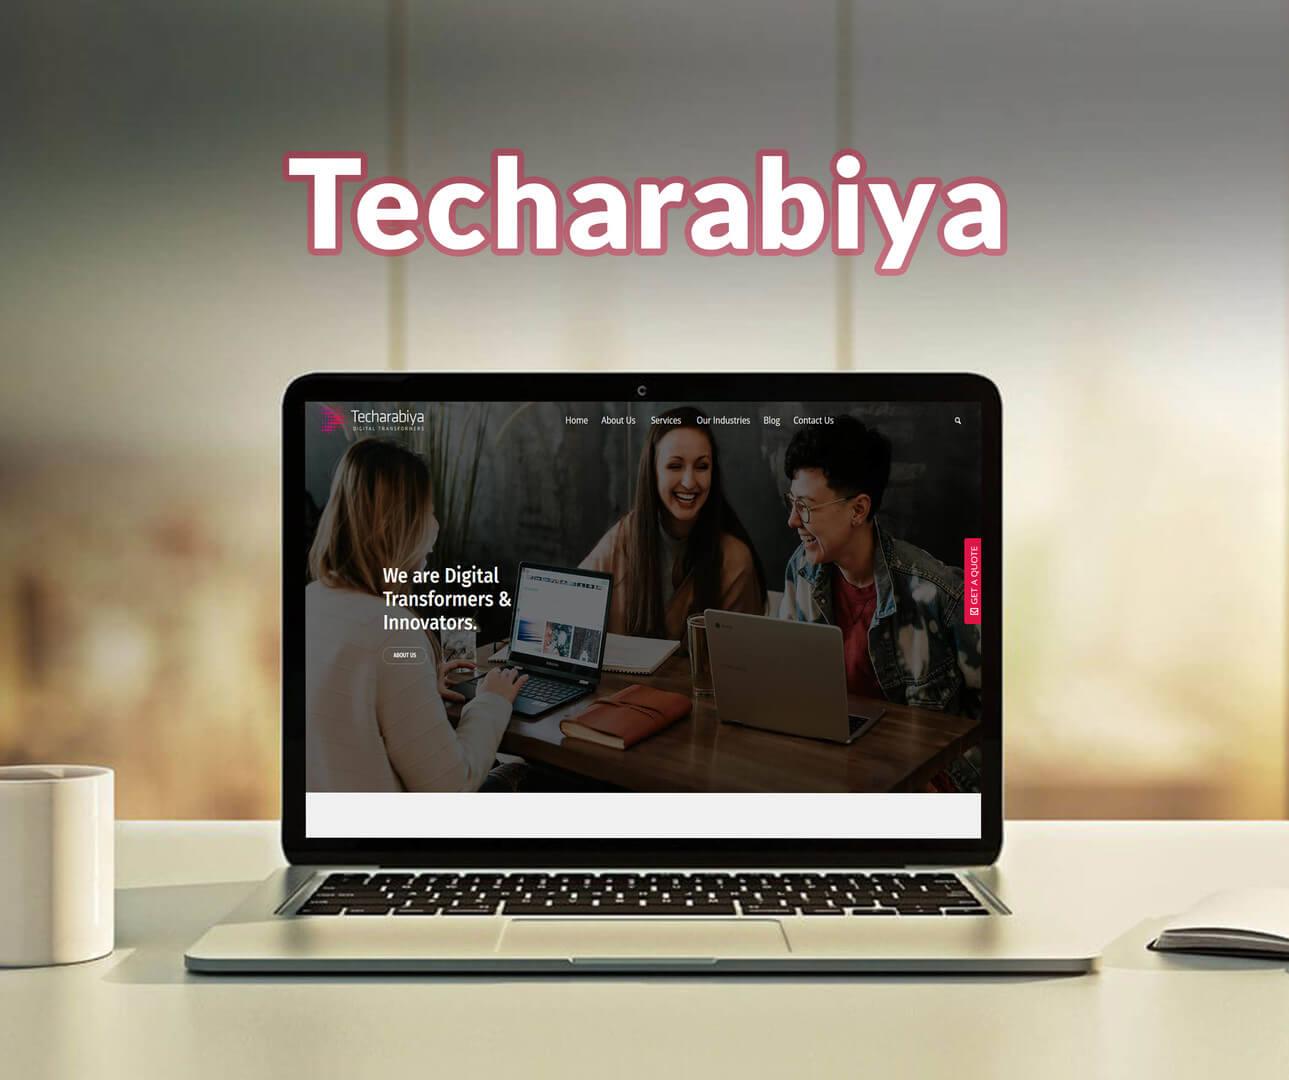 Techrabiya Website Development